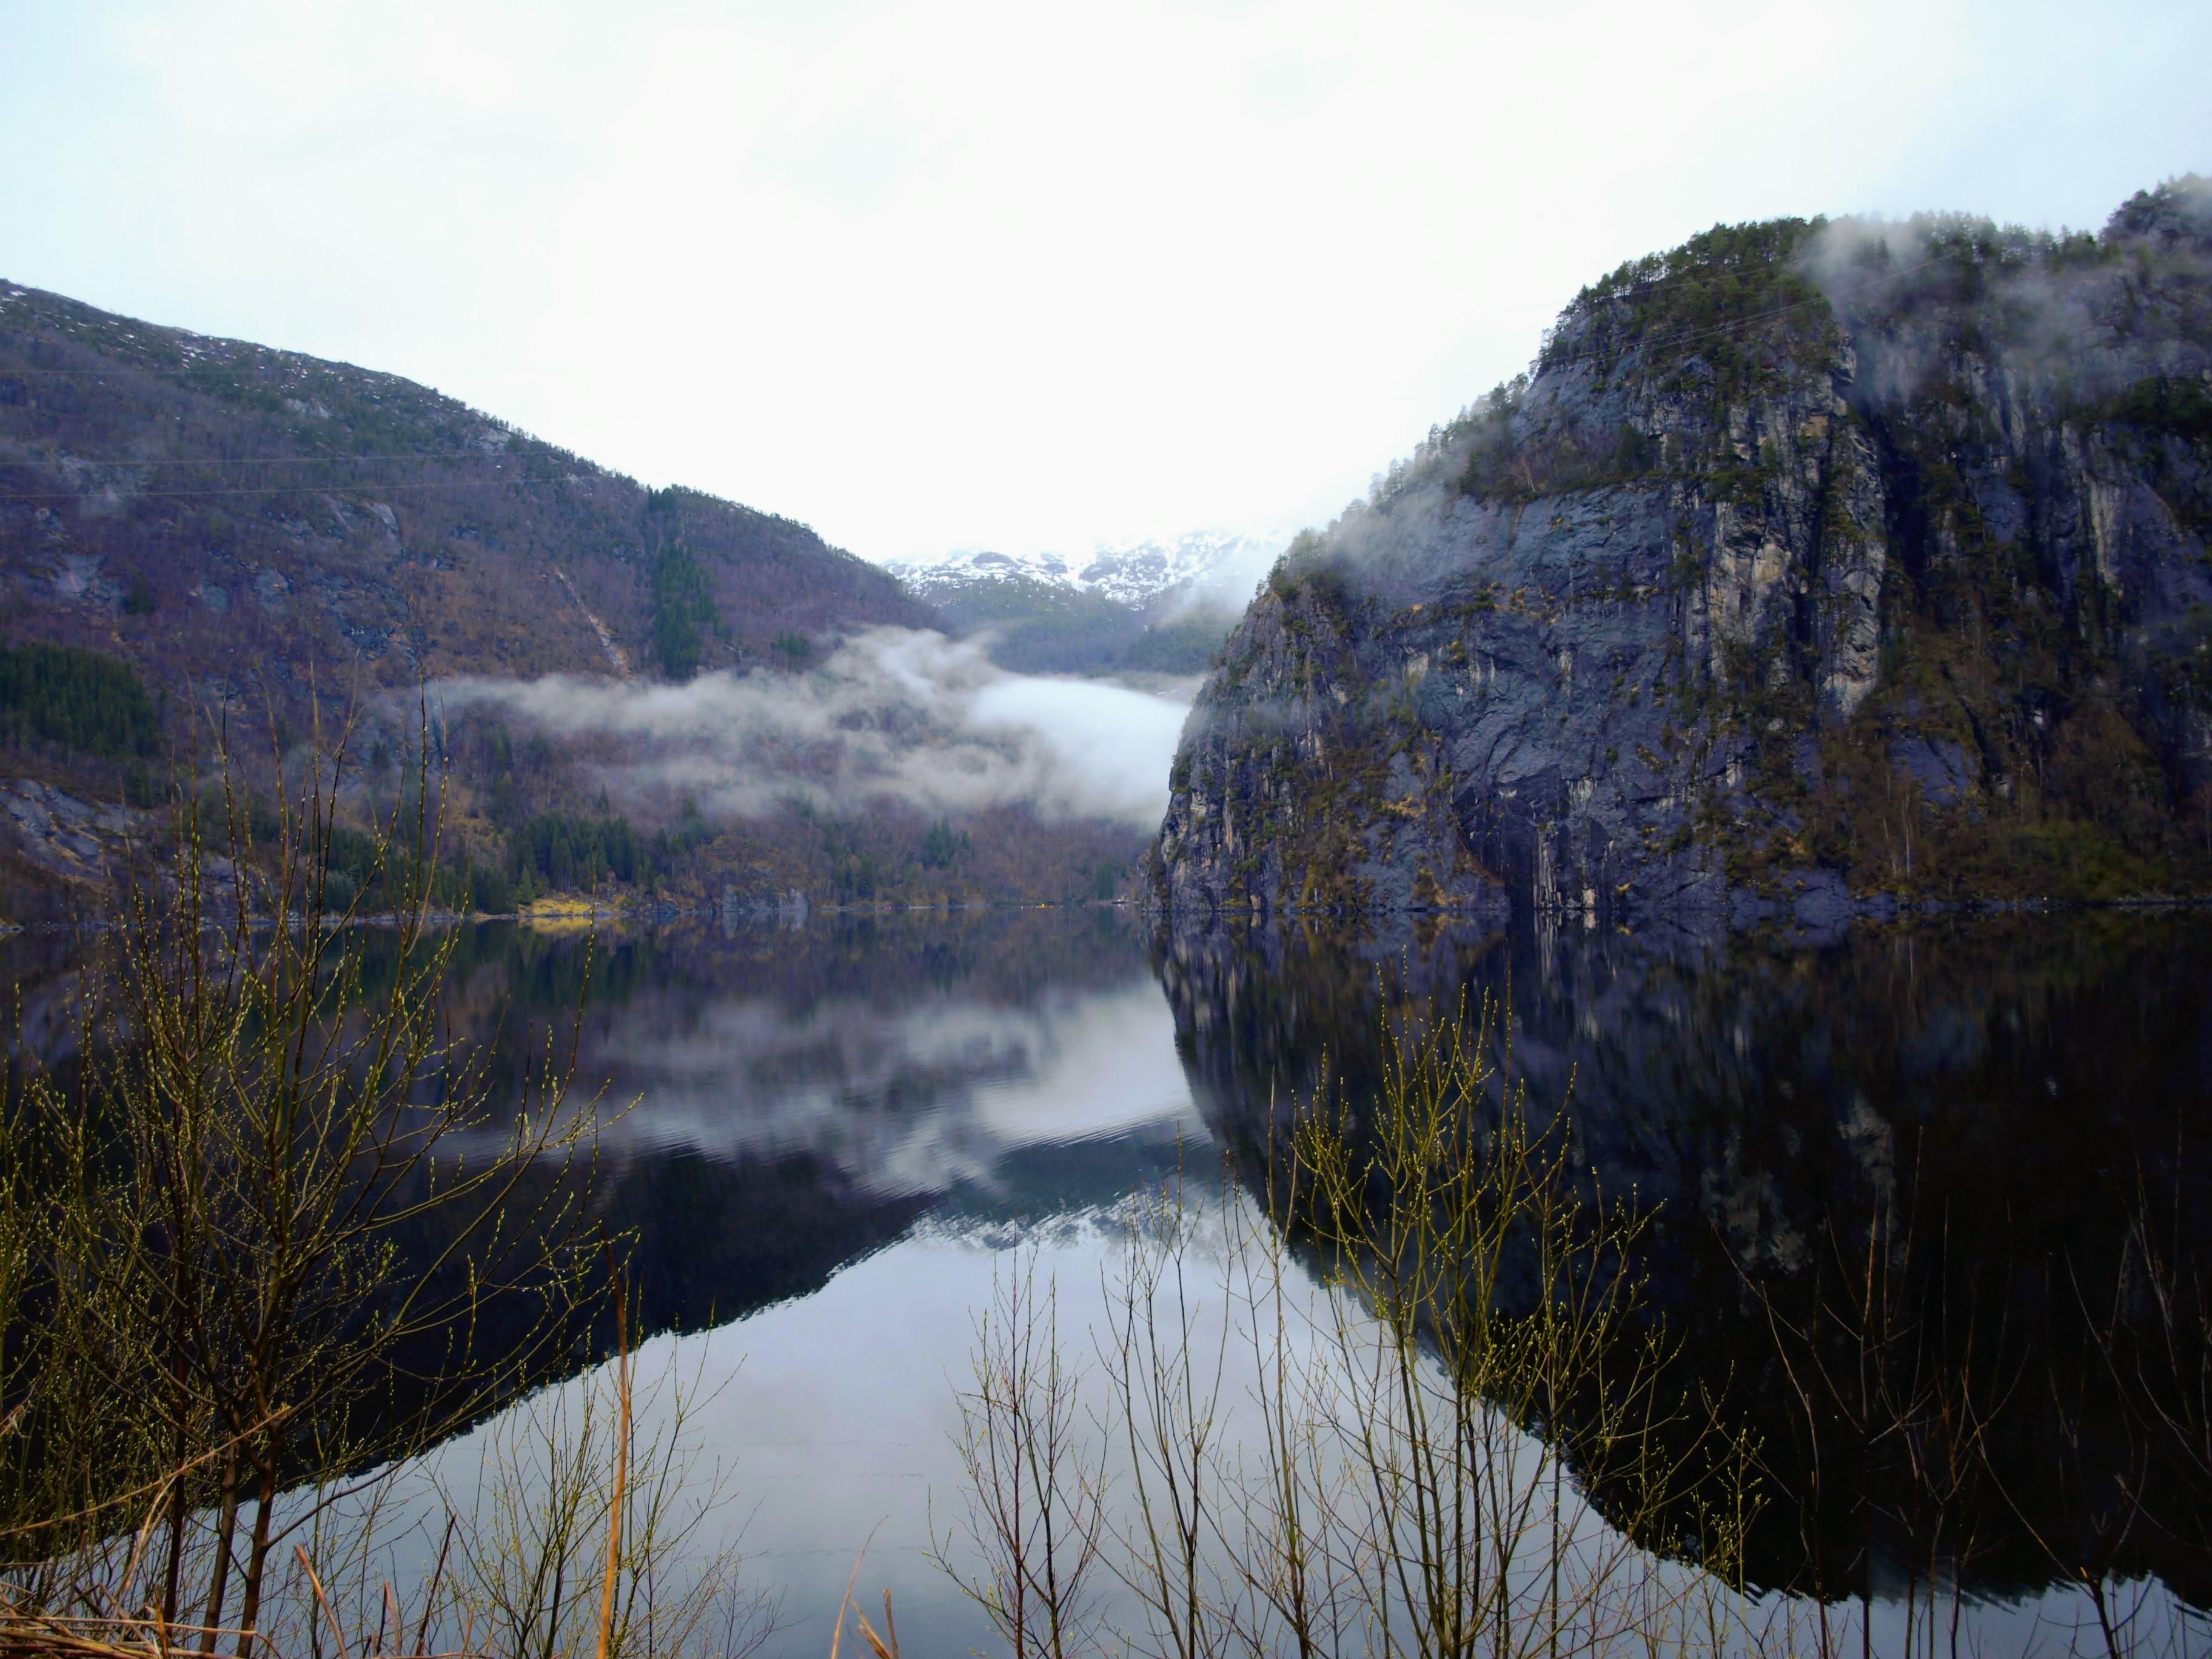 Hory se zrcadlí v moři (Bolstadfjorden, kousek od odpočívadla)